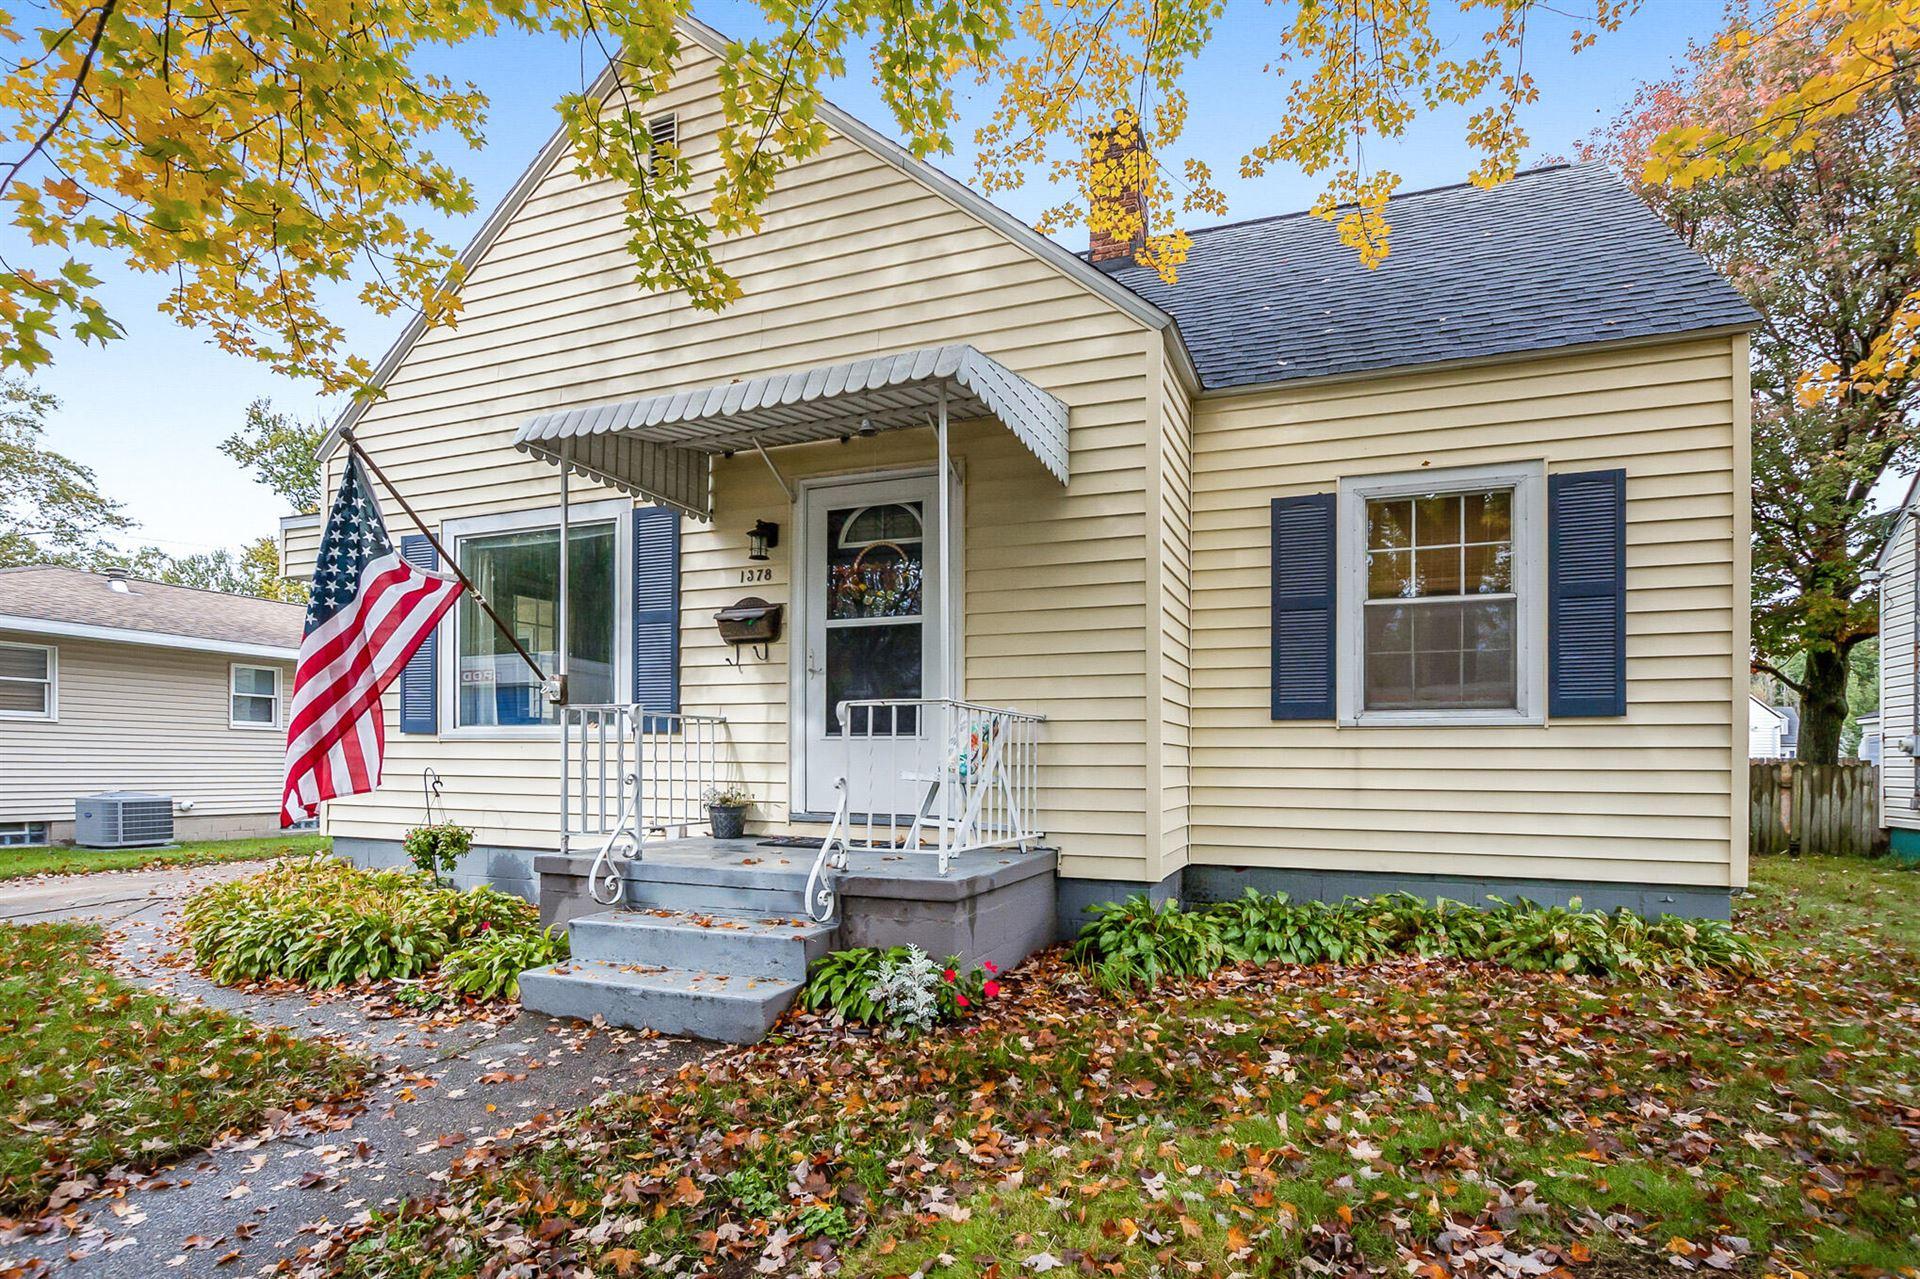 1378 Princeton Road, Muskegon, MI 49441 - MLS#: 21112419